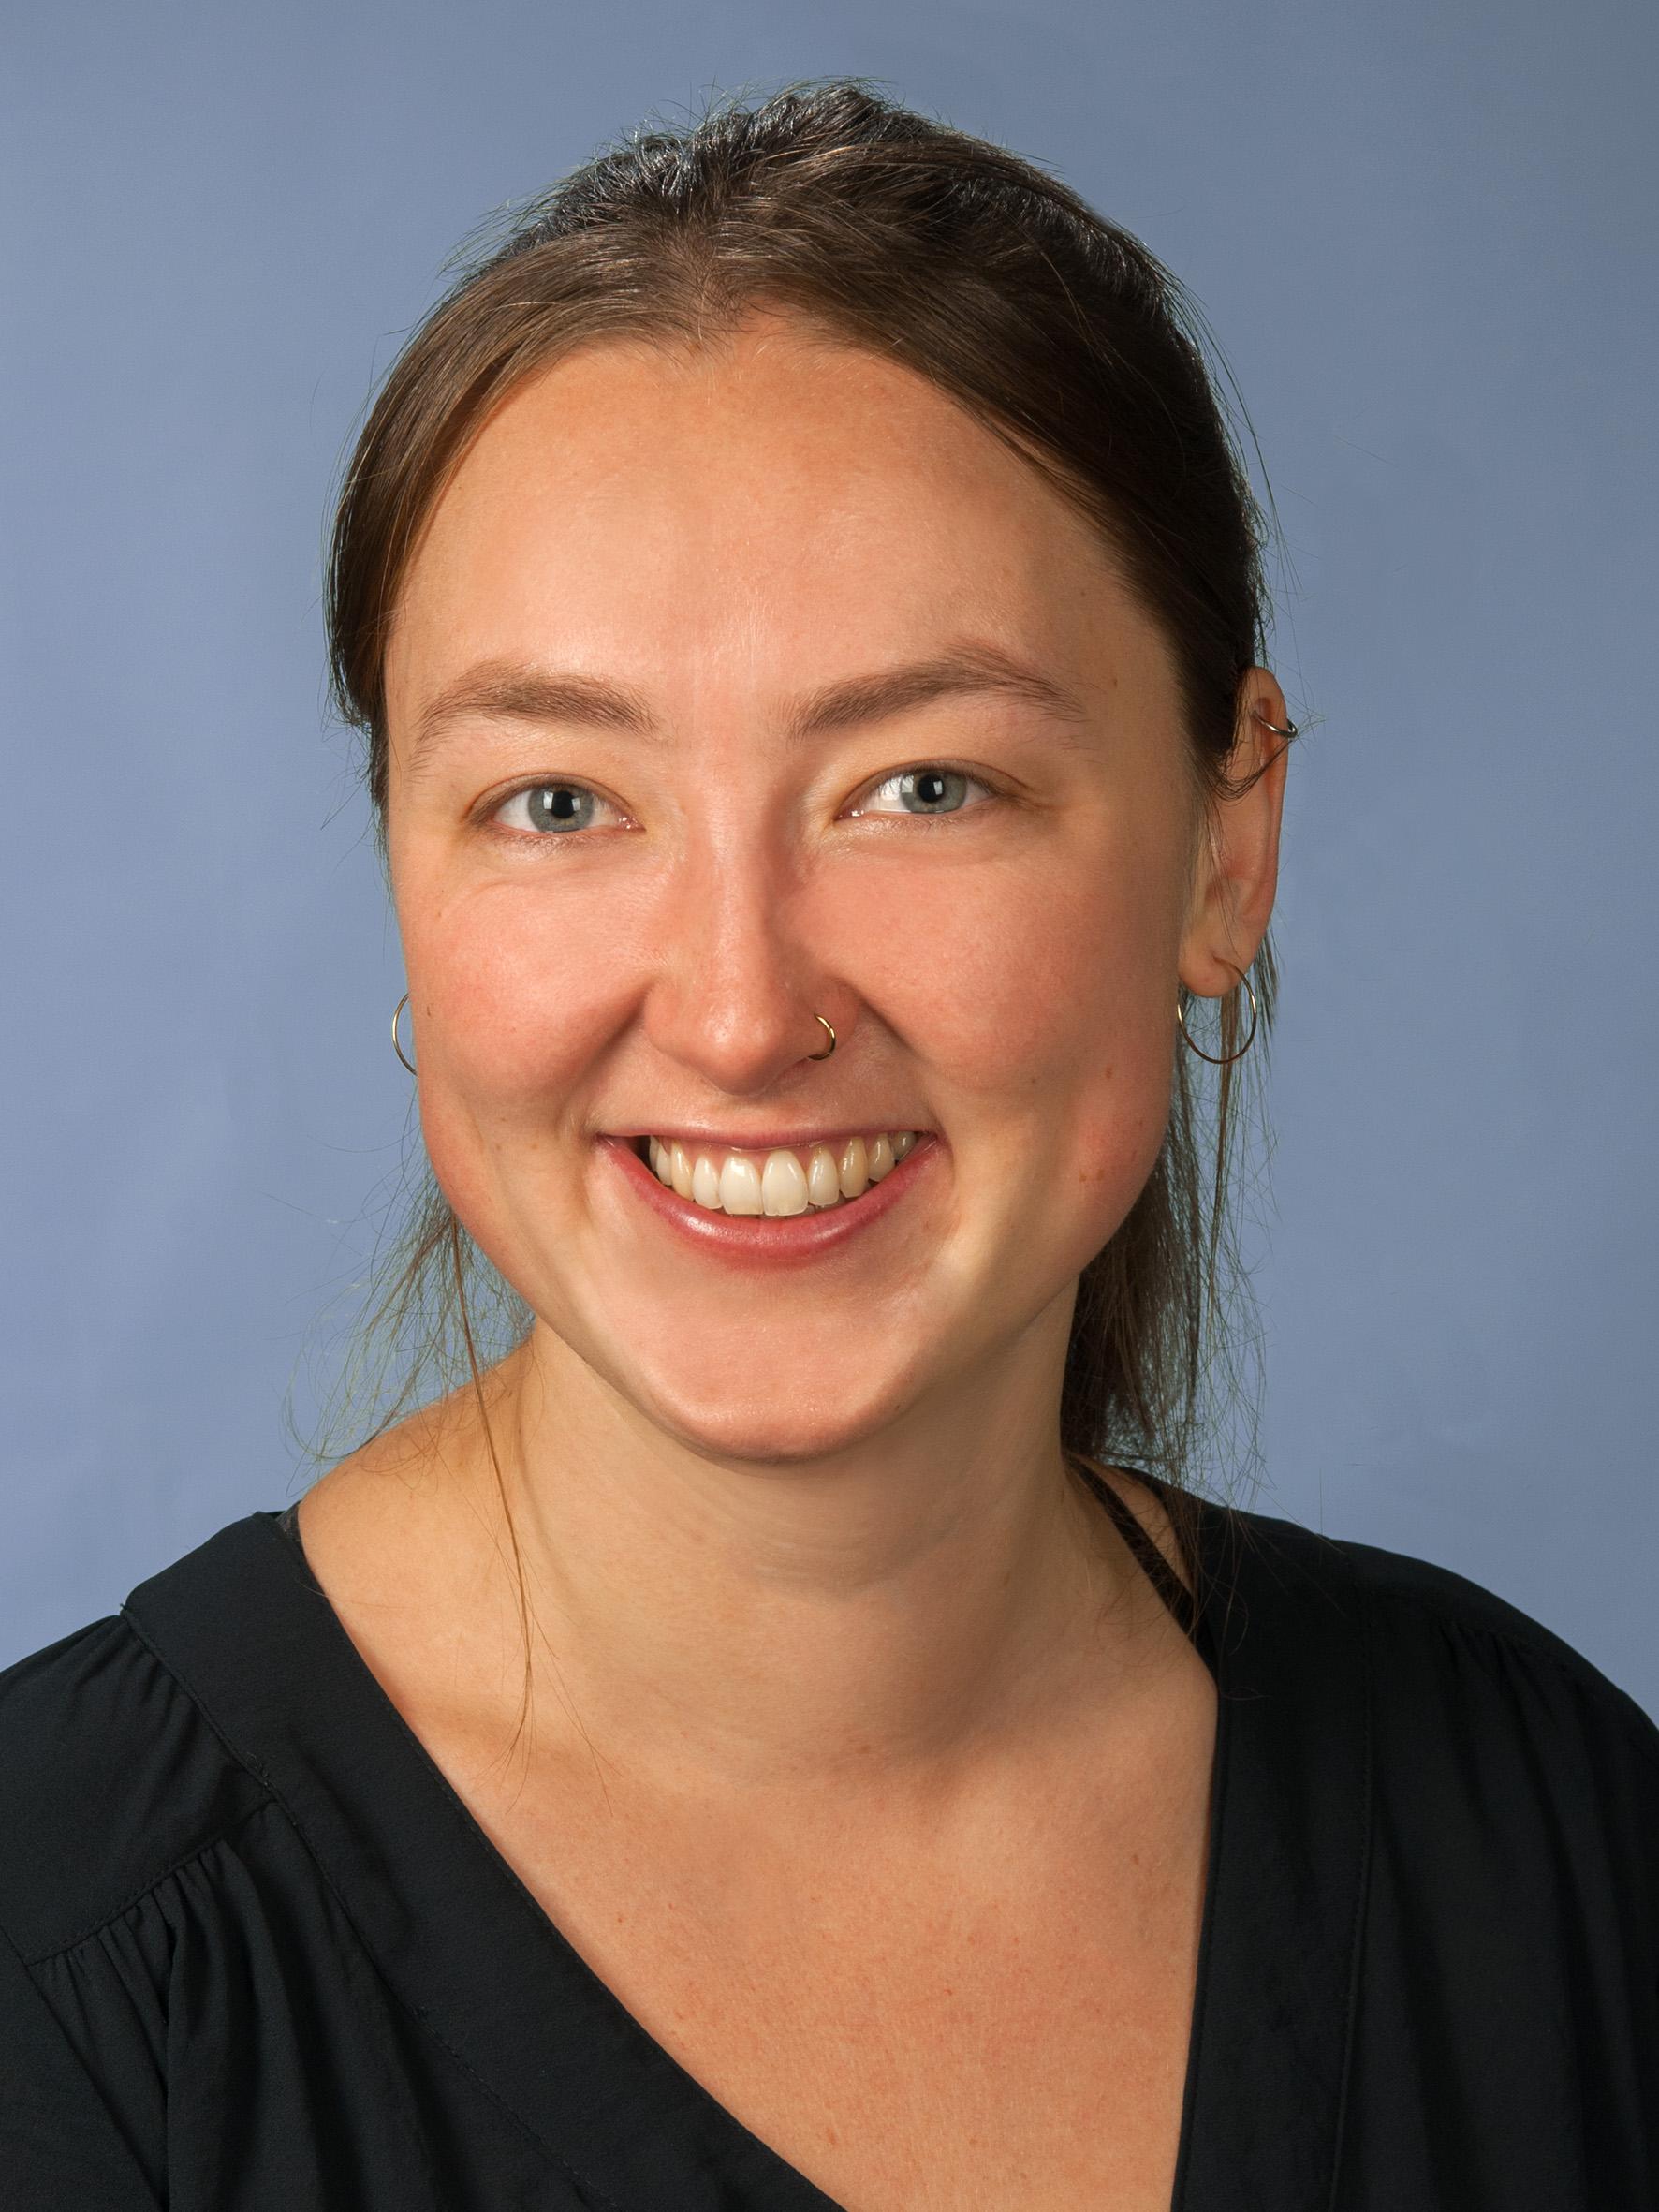 Nina Kusche